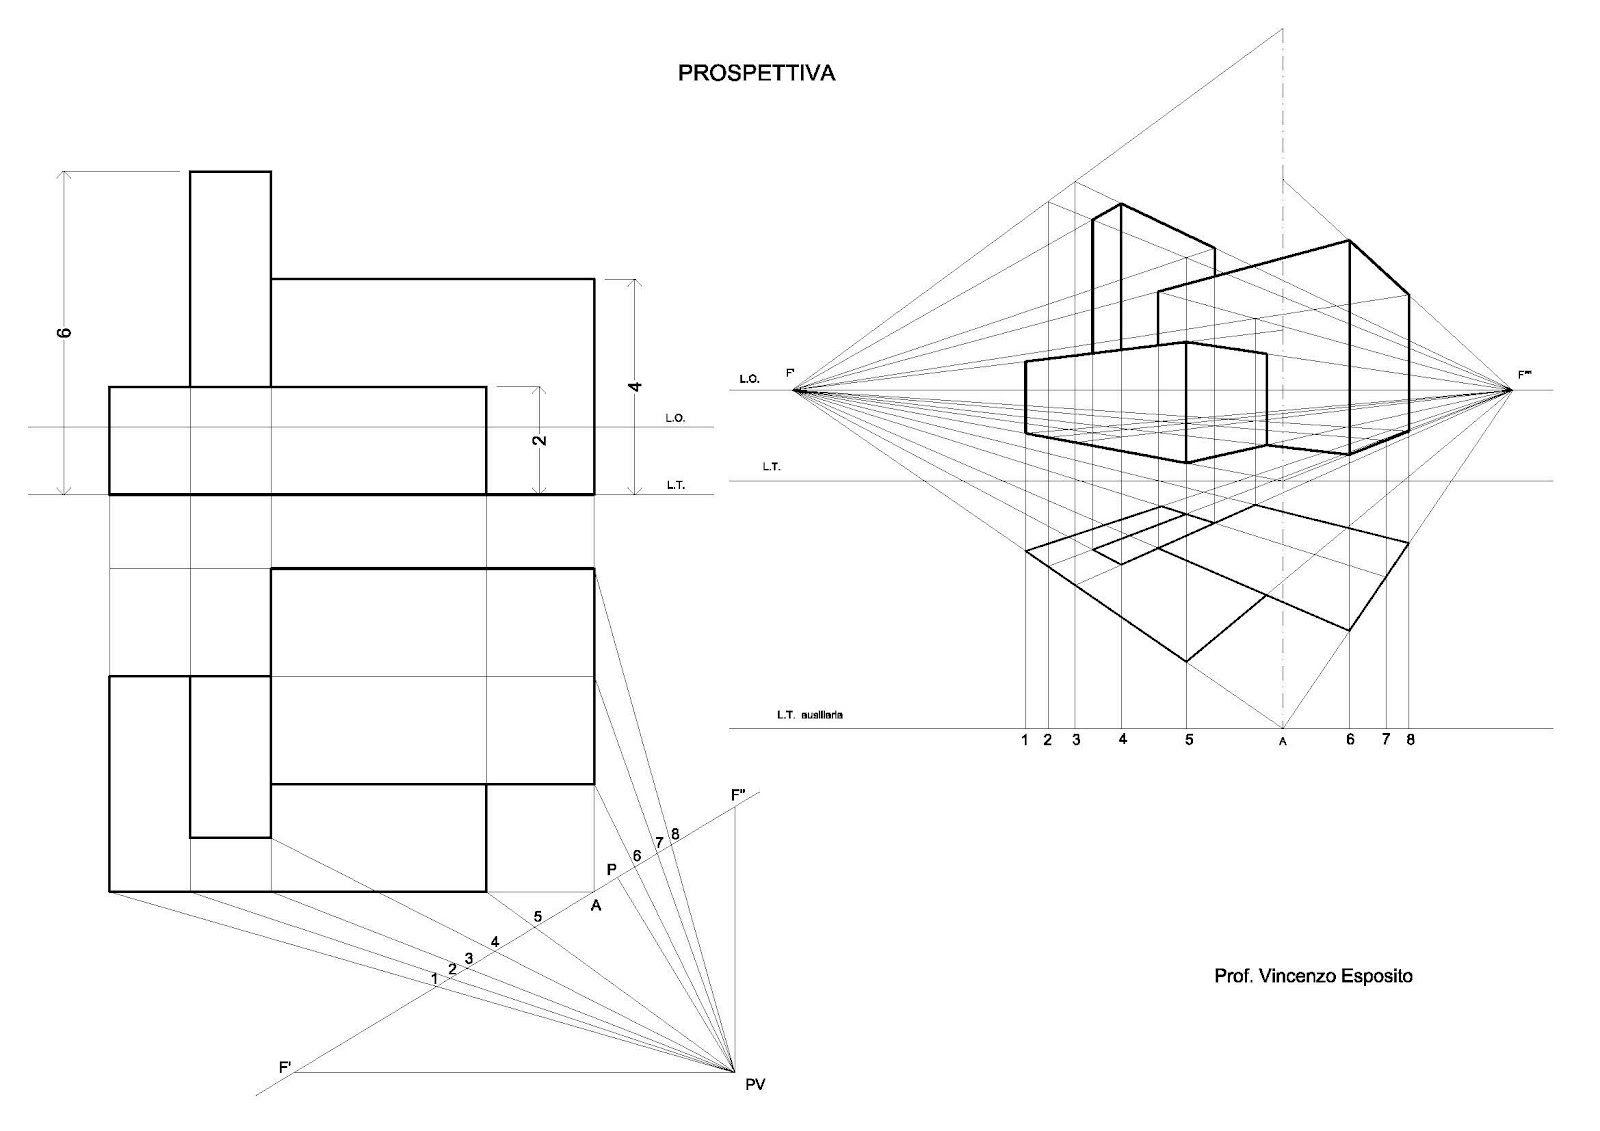 Prospettiva+con+Lt+ausiliaria.jpg (1600×1131)